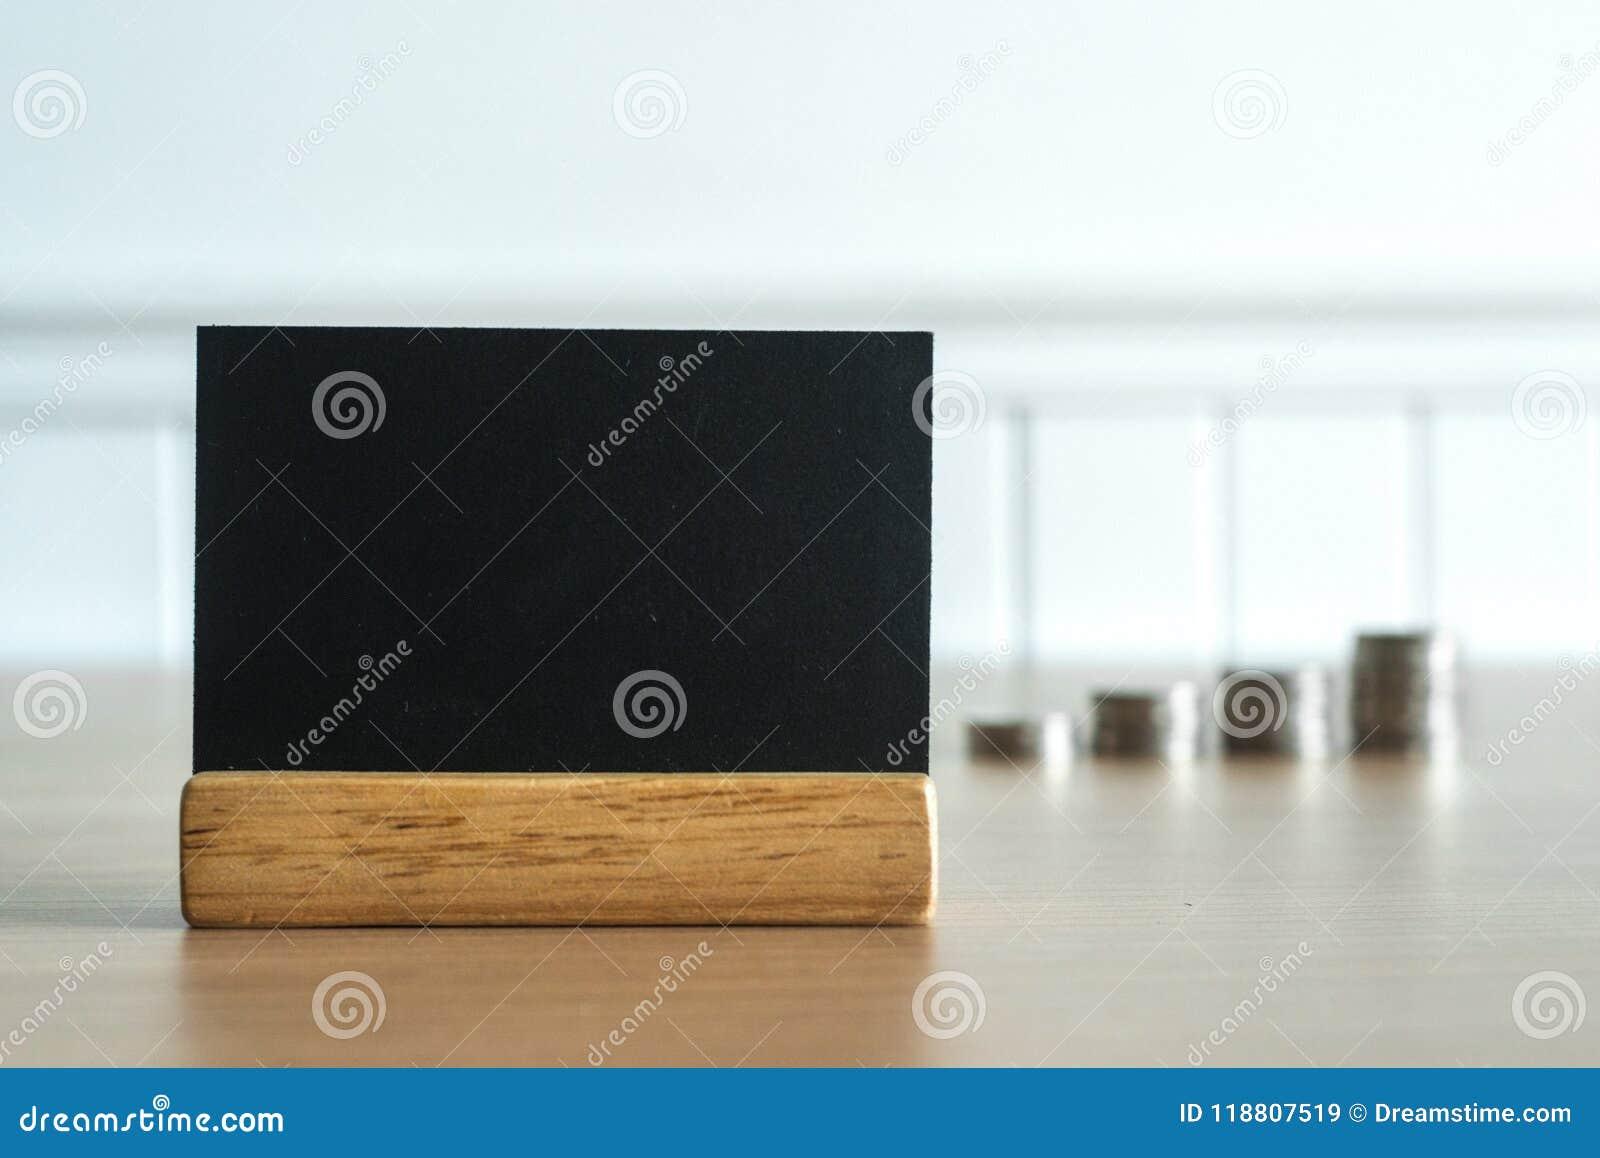 Stäng sig upp på en svart tavla med myntpengar i bakgrund Mellanrumet eller tömmer utrymme för textmeddelande